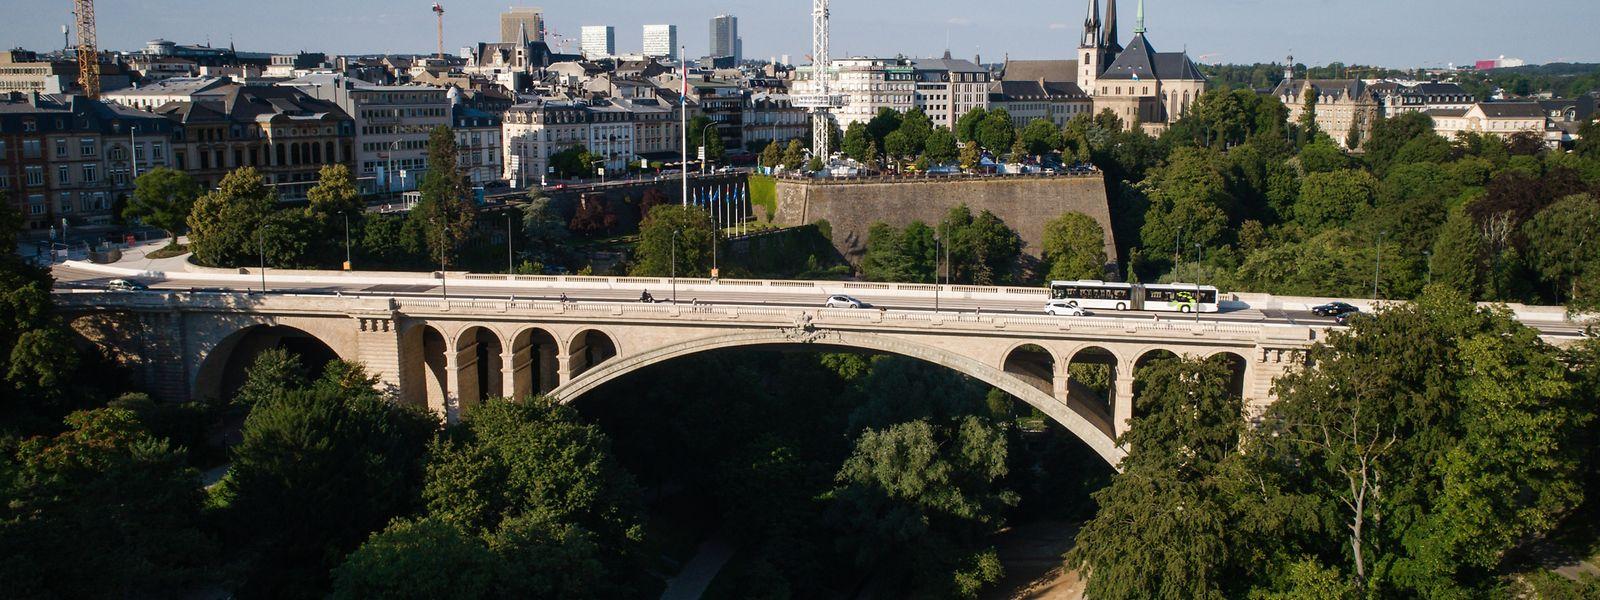 115 Jahre hat der Pont Adolphe auf dem Buckel. Dank einer Generalüberholung ist er dennoch gut in Schuss.